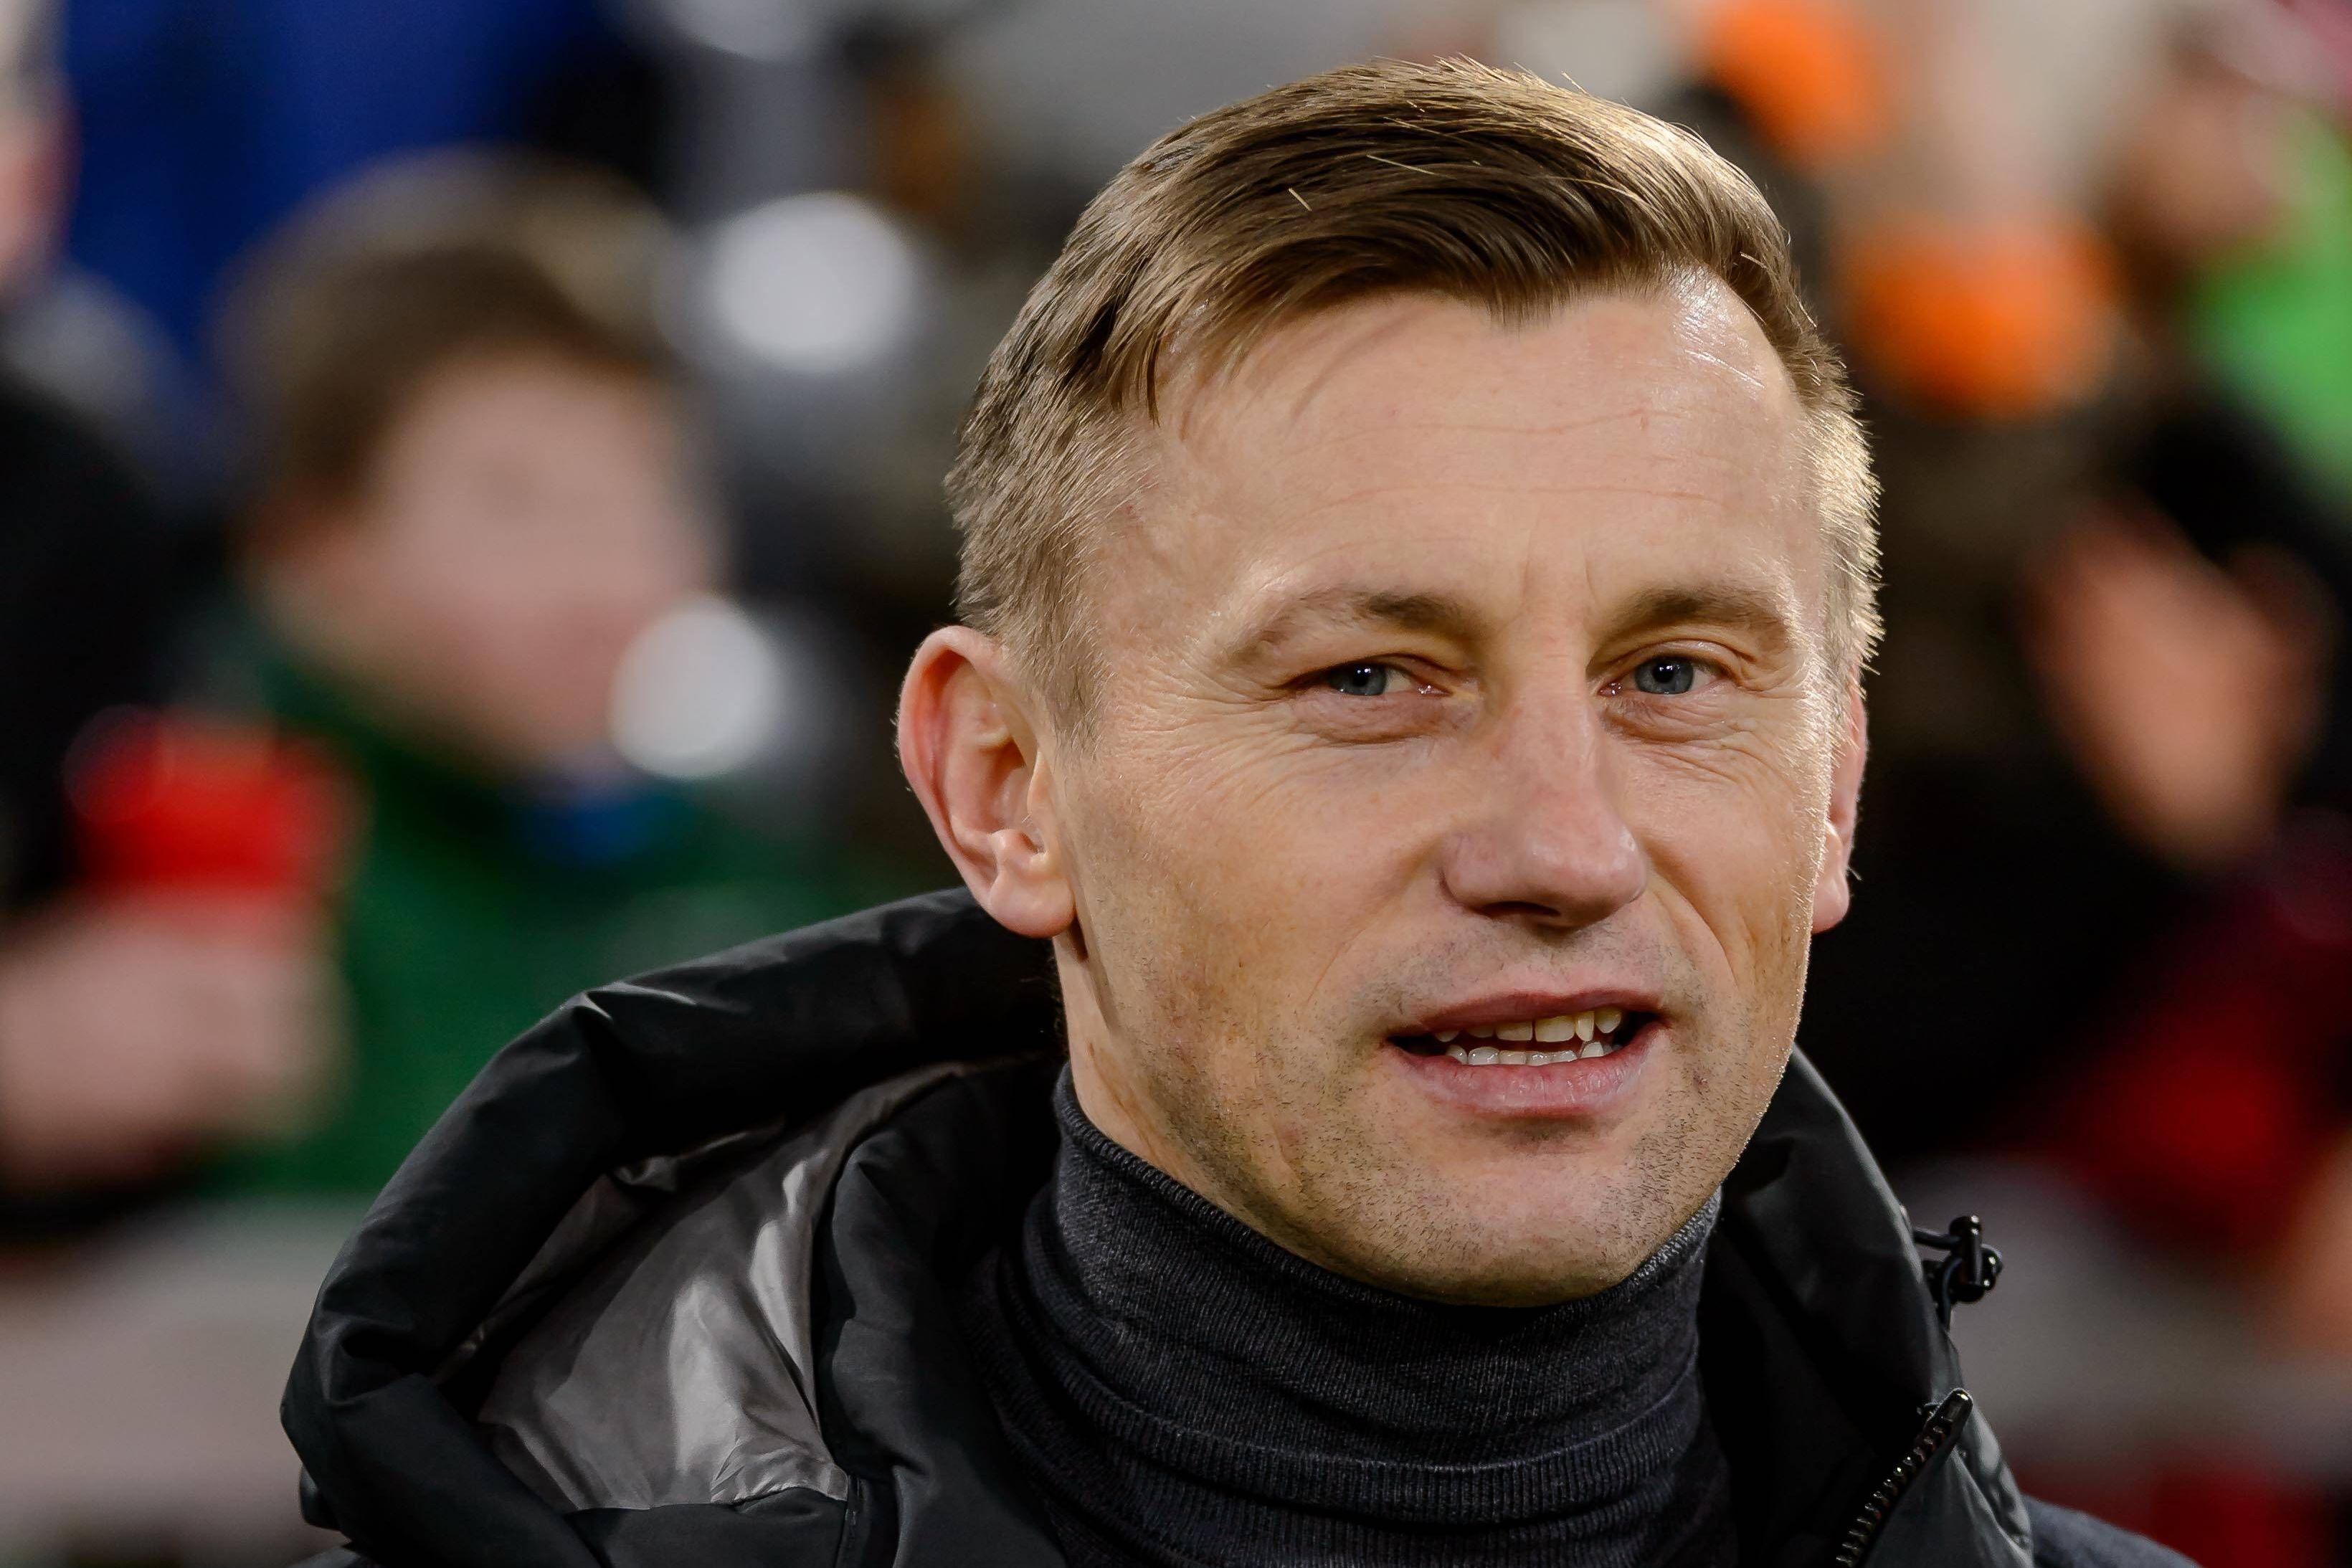 Ярошик: 'Меня удивило решение ЦСКА назначить Олича главным тренером'